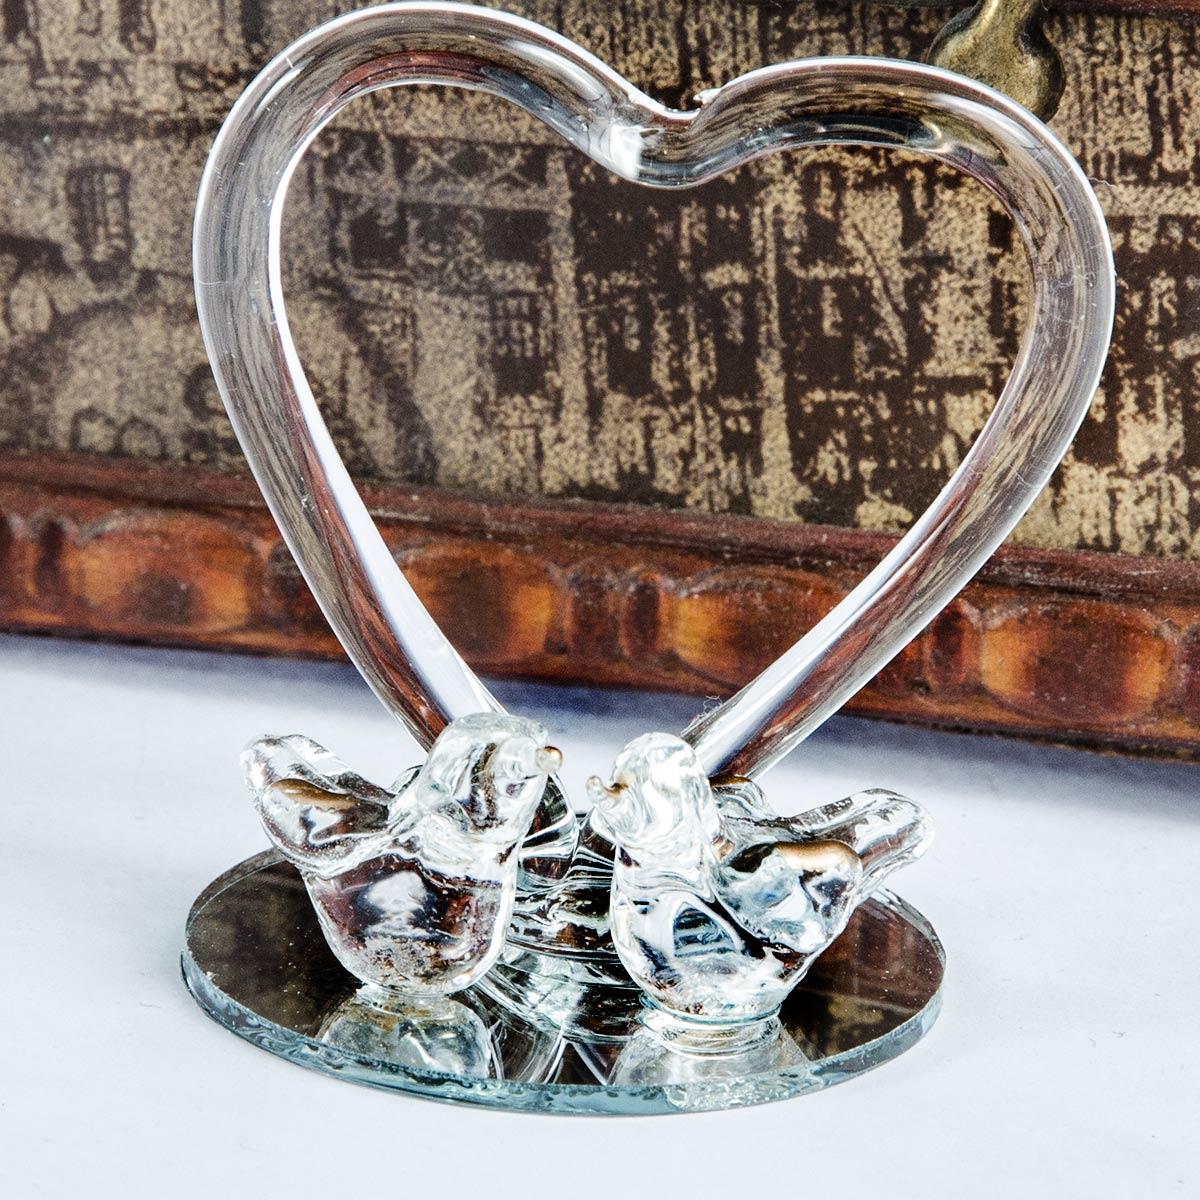 Marturii Nunta Marturie Porumbei Din Sticla Cu Inima For Only 650